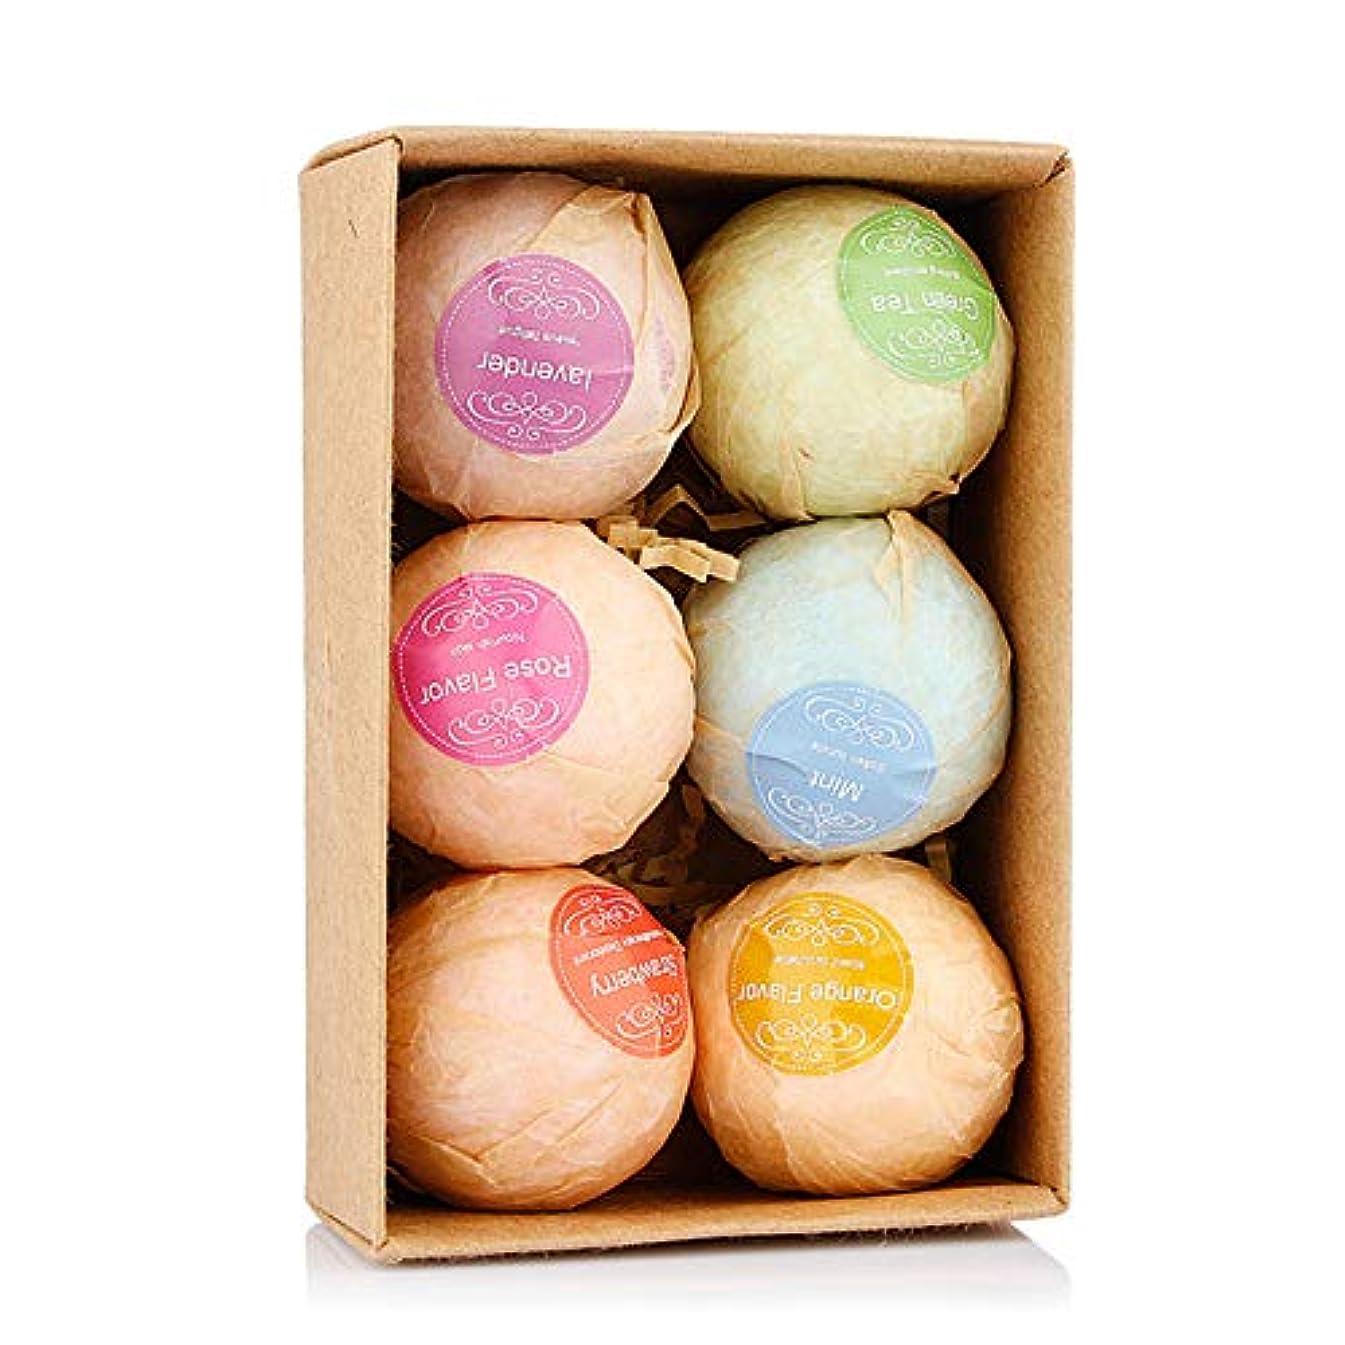 結果指令感情のバスボム 入浴剤 炭酸 バスボール 6つの香り 手作り 入浴料 うるおいプラス お風呂用 入浴剤 ギフトセット6枚 贈り物 プレゼント最適